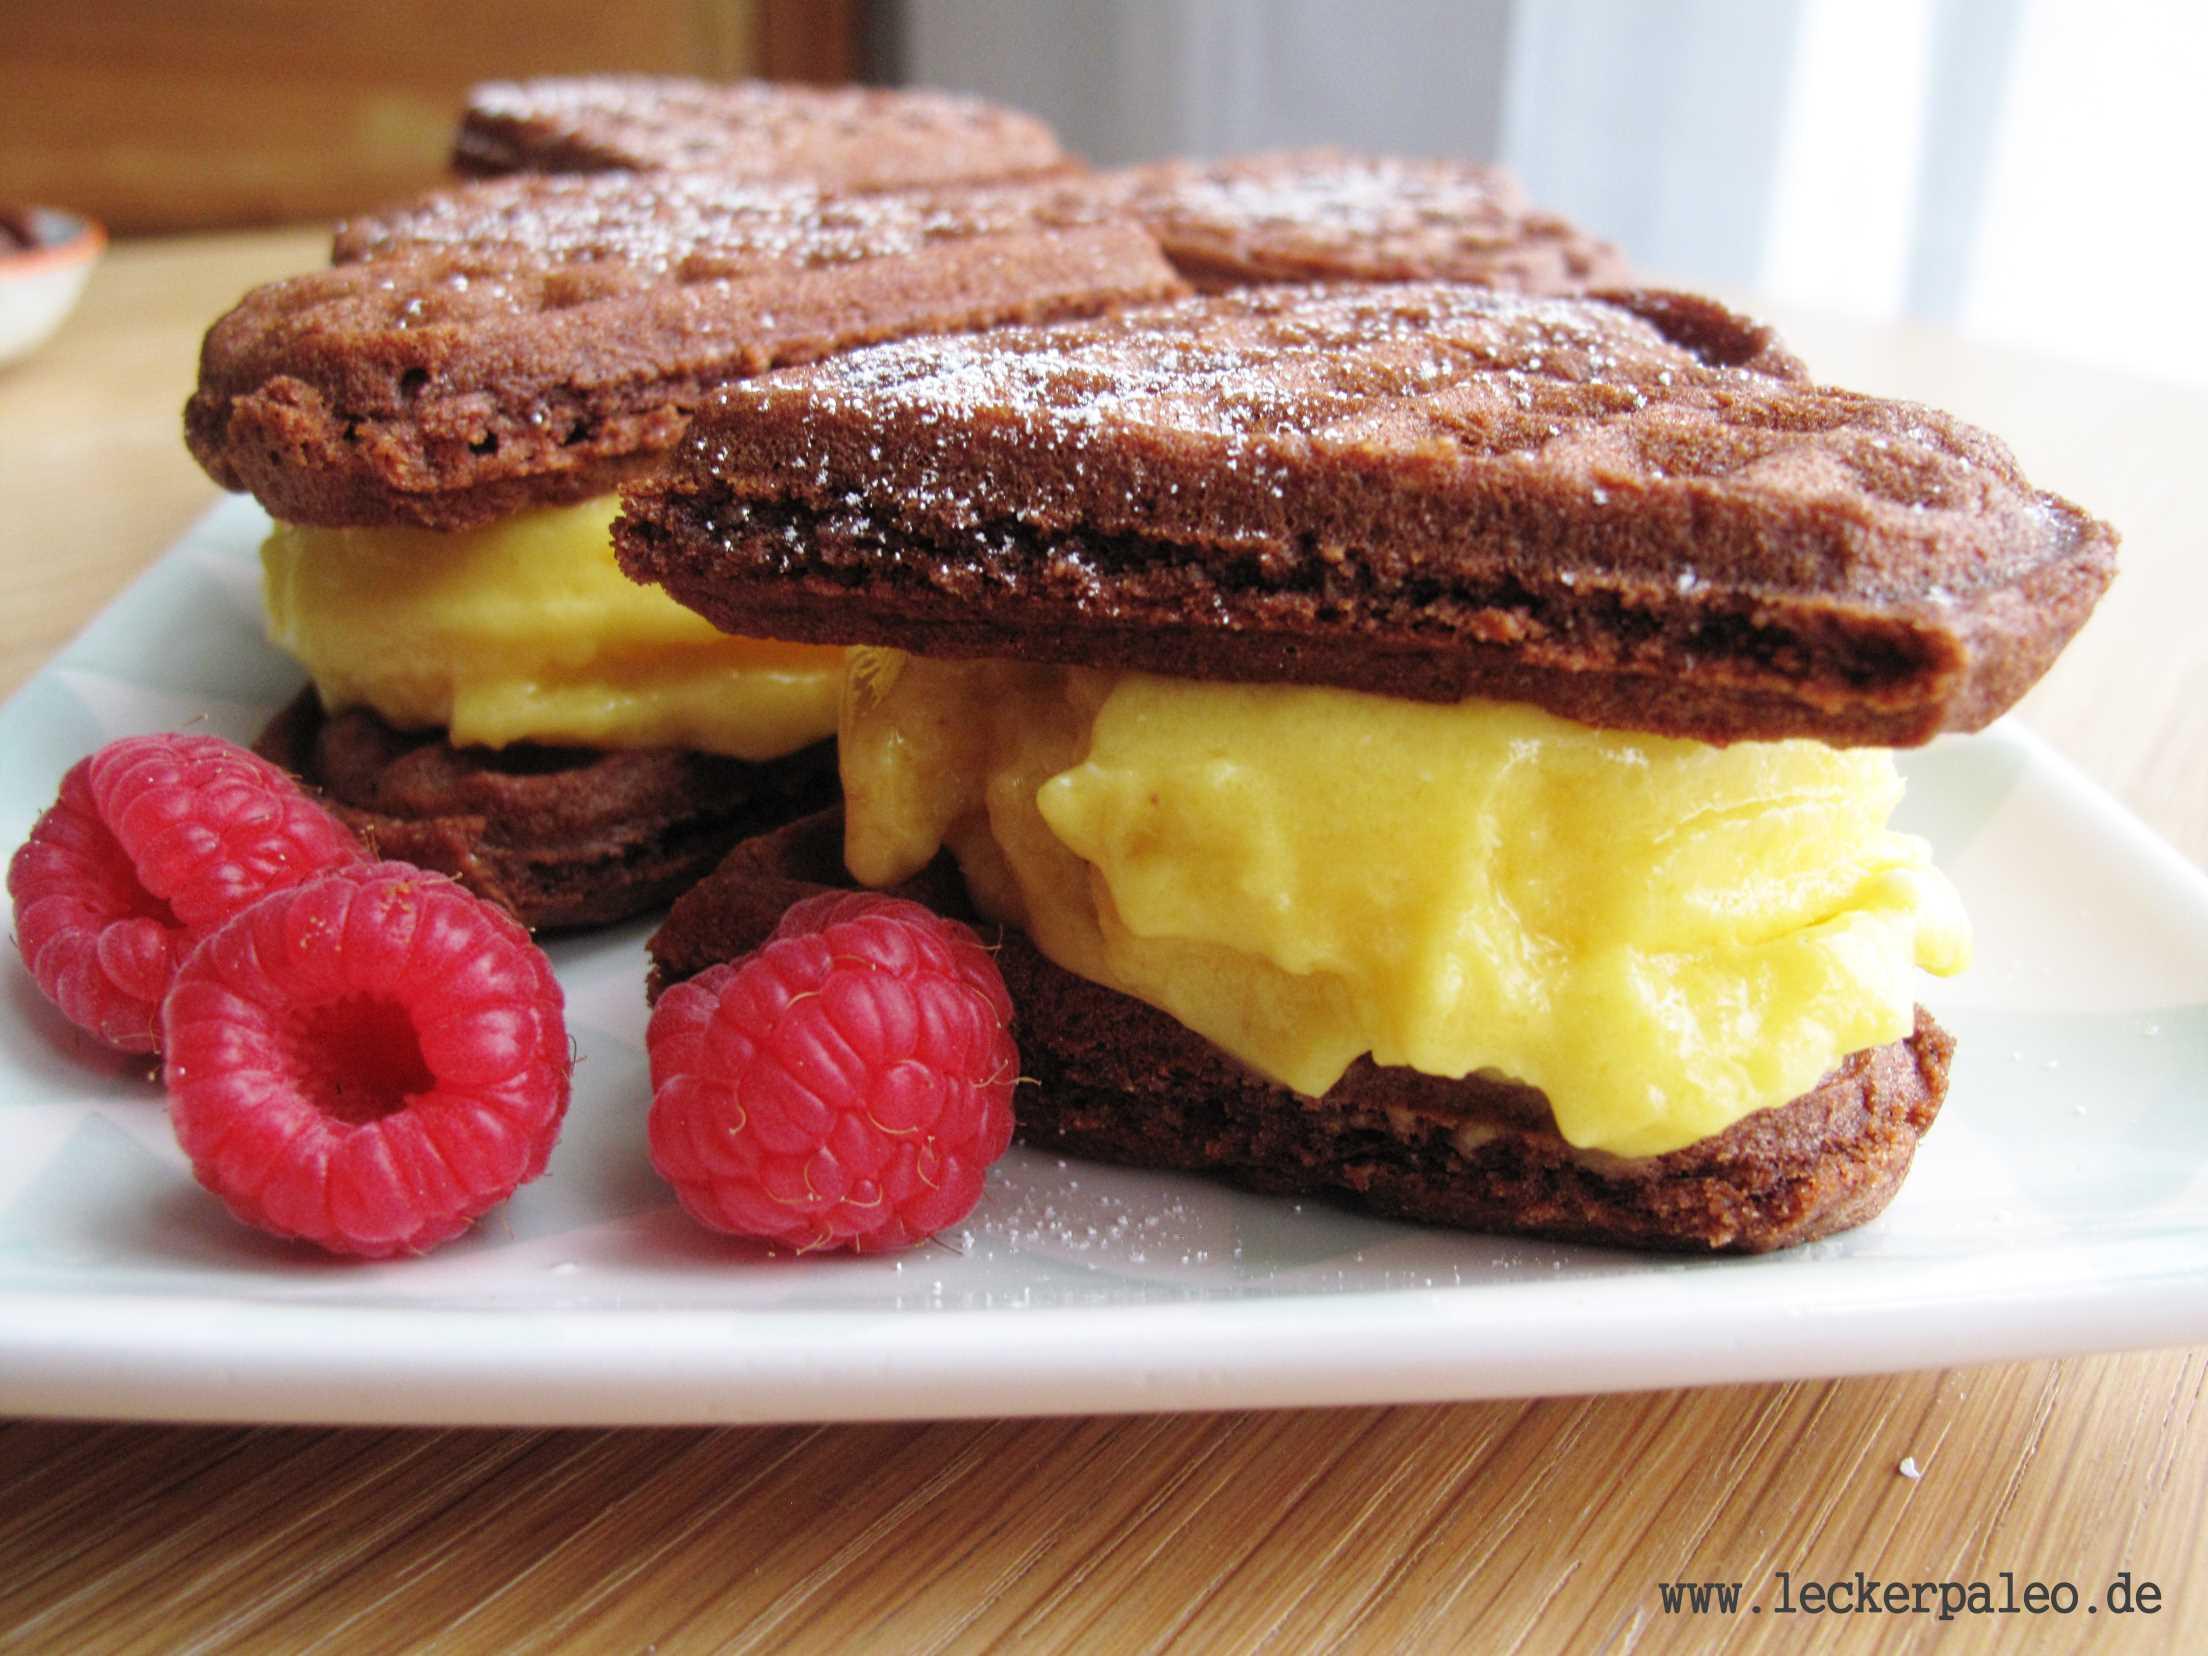 Brownie-Waffeln mit Haselnüssen und Mango-Sorbet